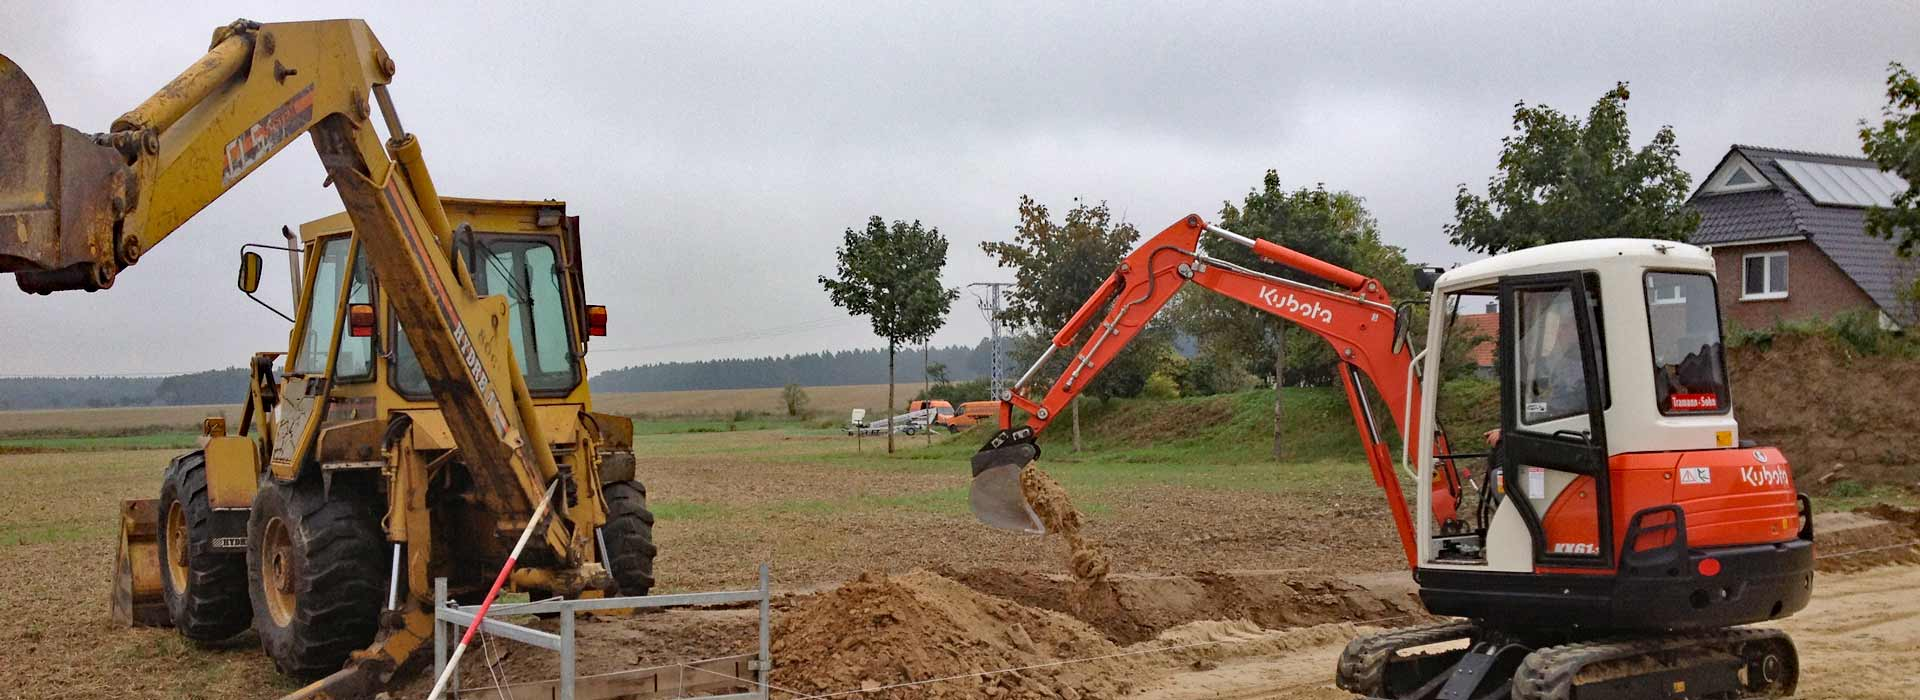 Dörheide-Bau Wittingen - Slider - Baggerarbeiten